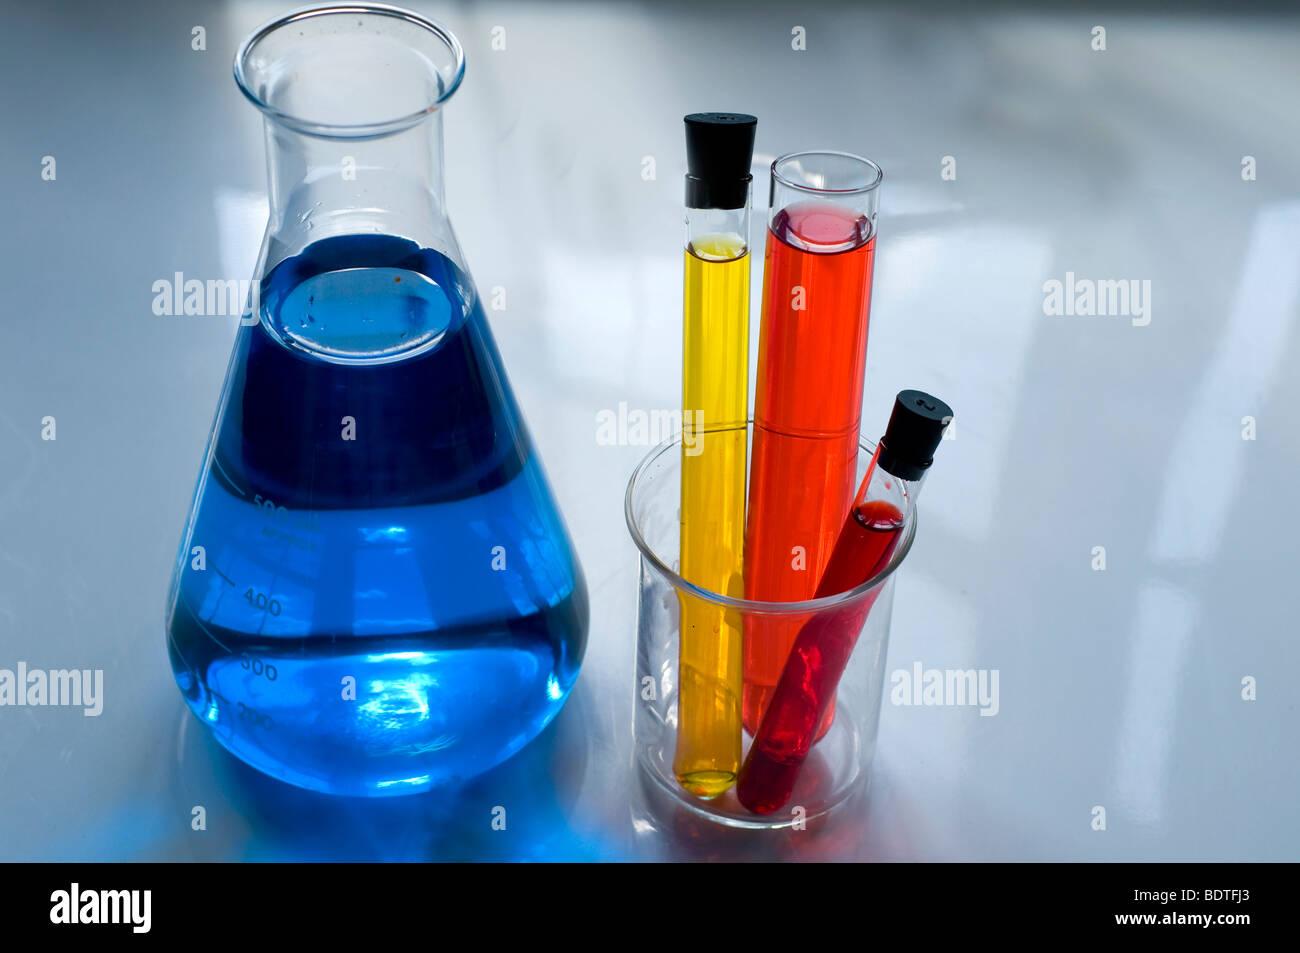 Collection de matériel de laboratoire y compris les béchers et Erlenmeyers Photo Stock